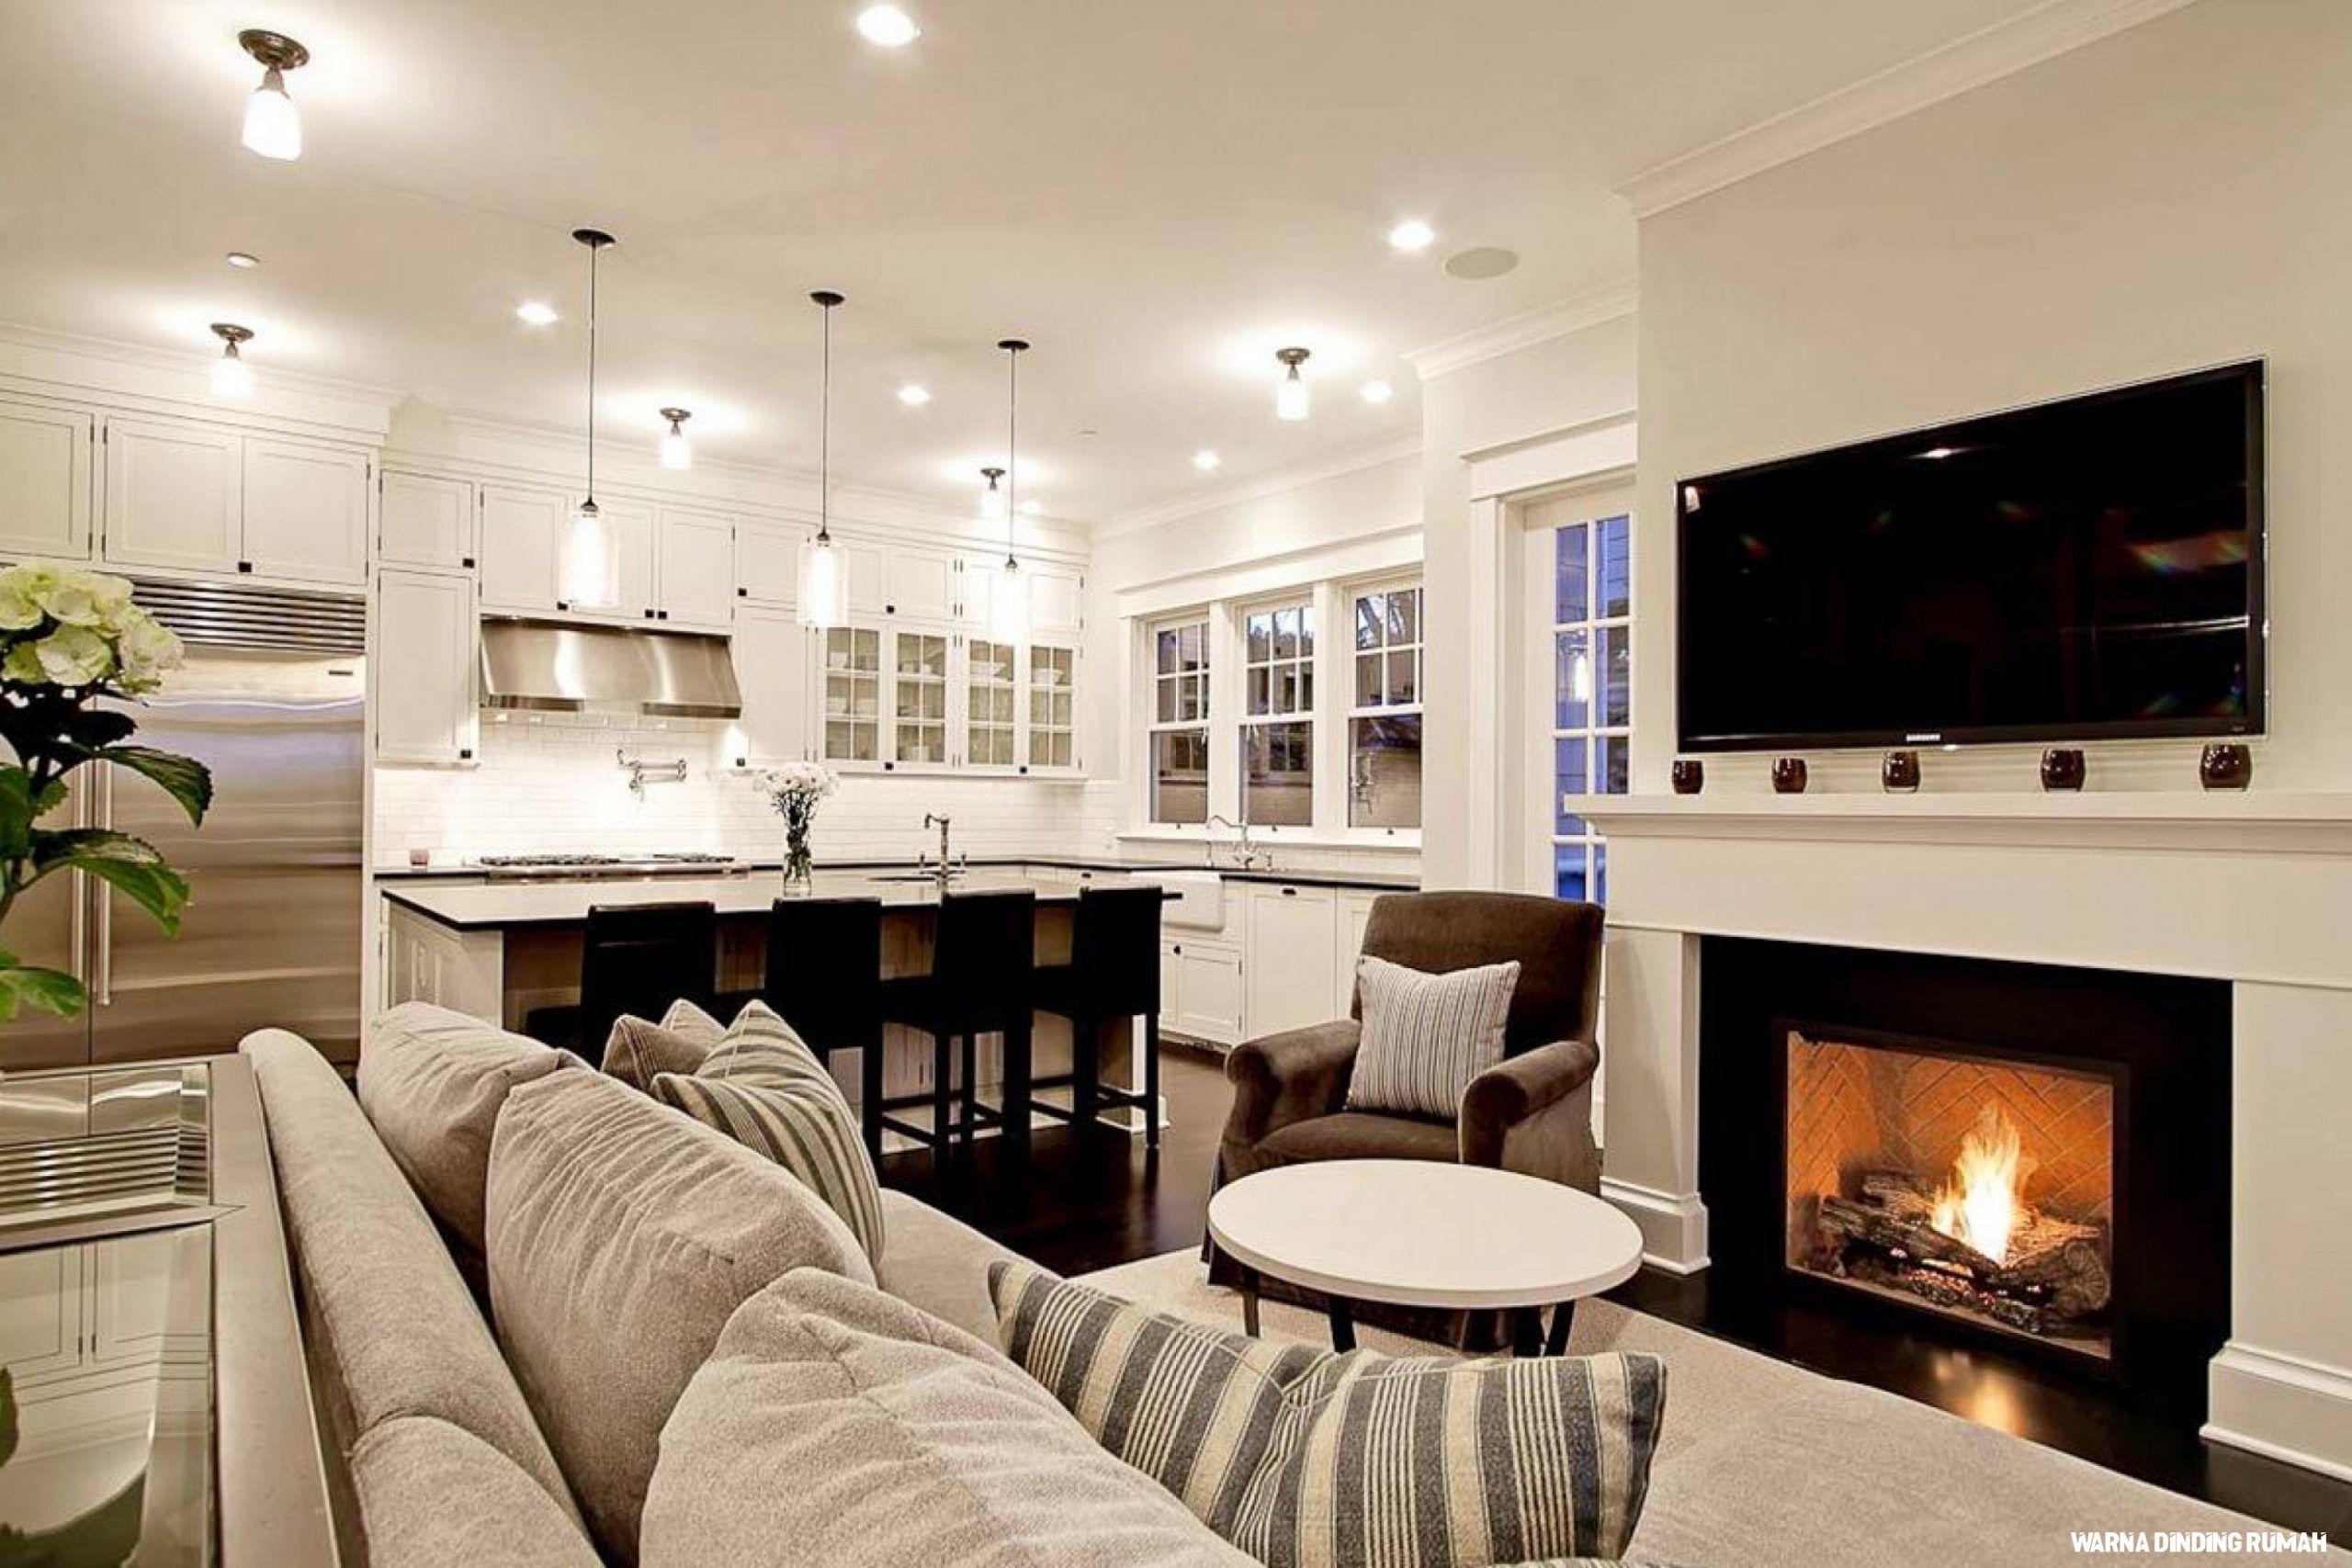 Koleksi Inspirasi Terbaru Dari Warna Dinding Rumah Living Room And Kitchen Design Traditional Living Room Open Kitchen And Living Room